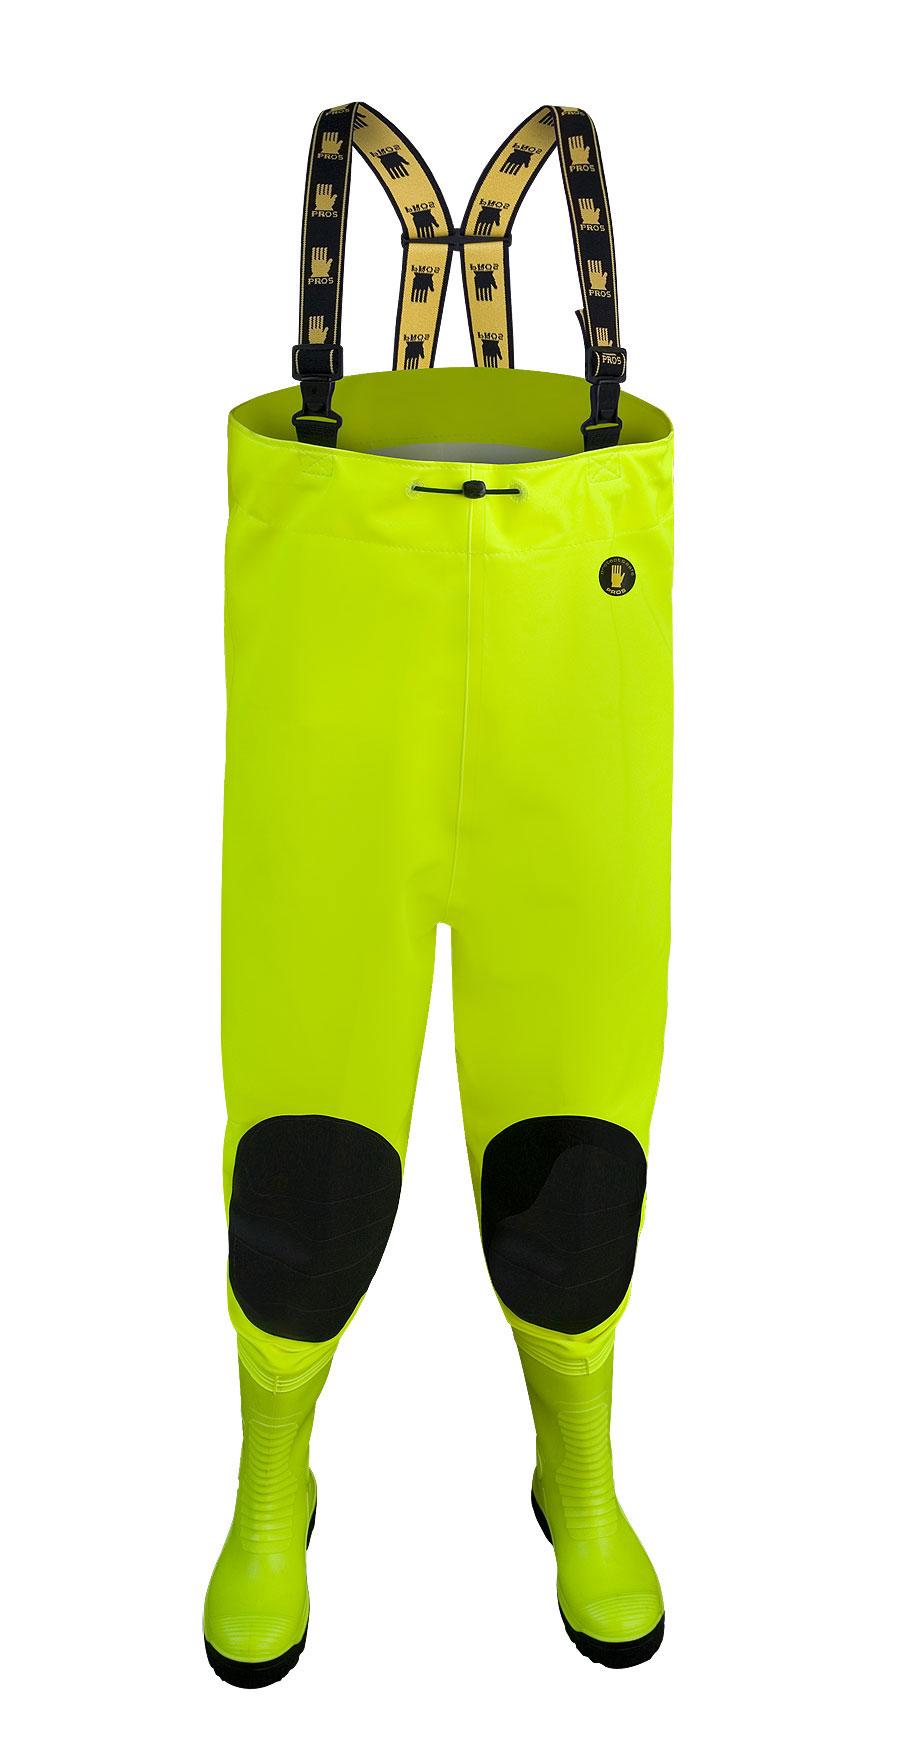 Brodící kalhoty MAX Fluo žluté vel.46    SBM01 Fluo žl.  PROS